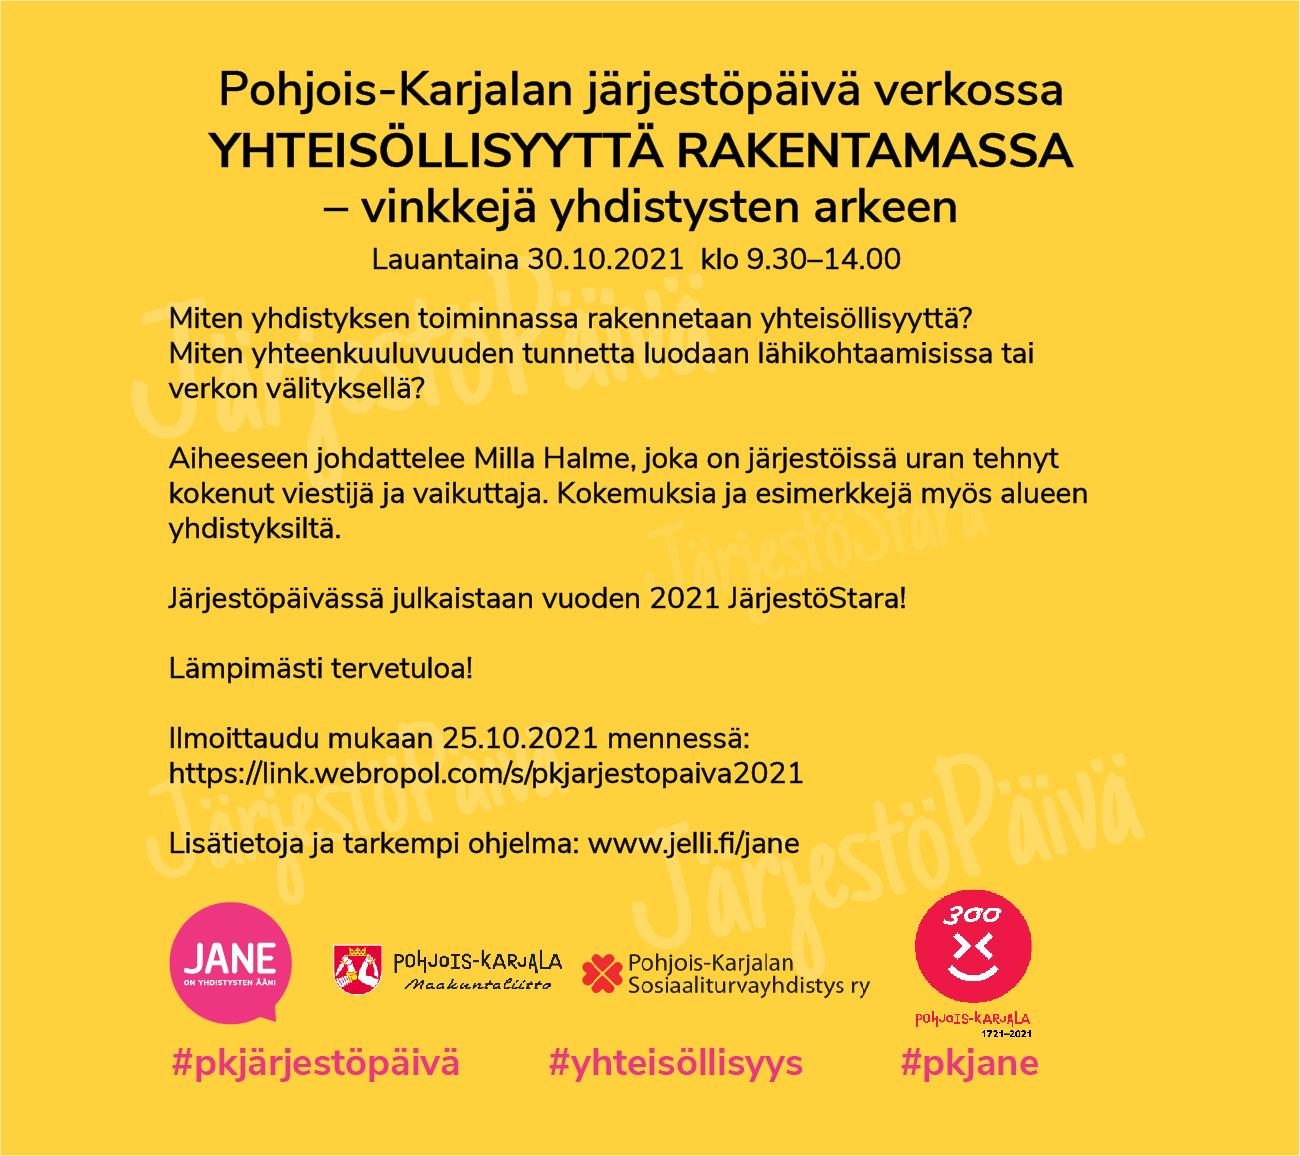 Yhteisöllisyyttä rakentamassa - Pohjois-Karjalan Järjestöpäivän 31.10 tilaisuuden mainos.